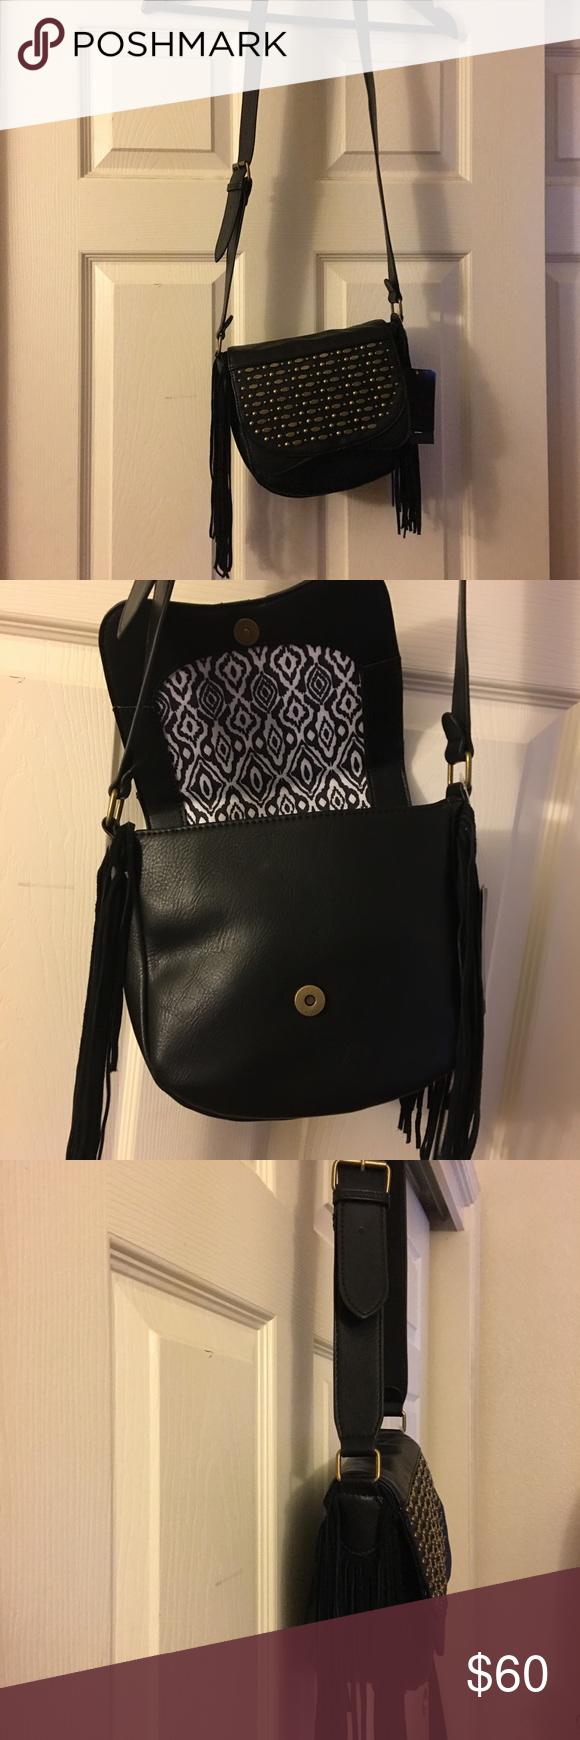 🏴Genuine suede stud flap bag Black suede flap cowgirl style crossbody bag Steve Madden Bags Crossbody Bags